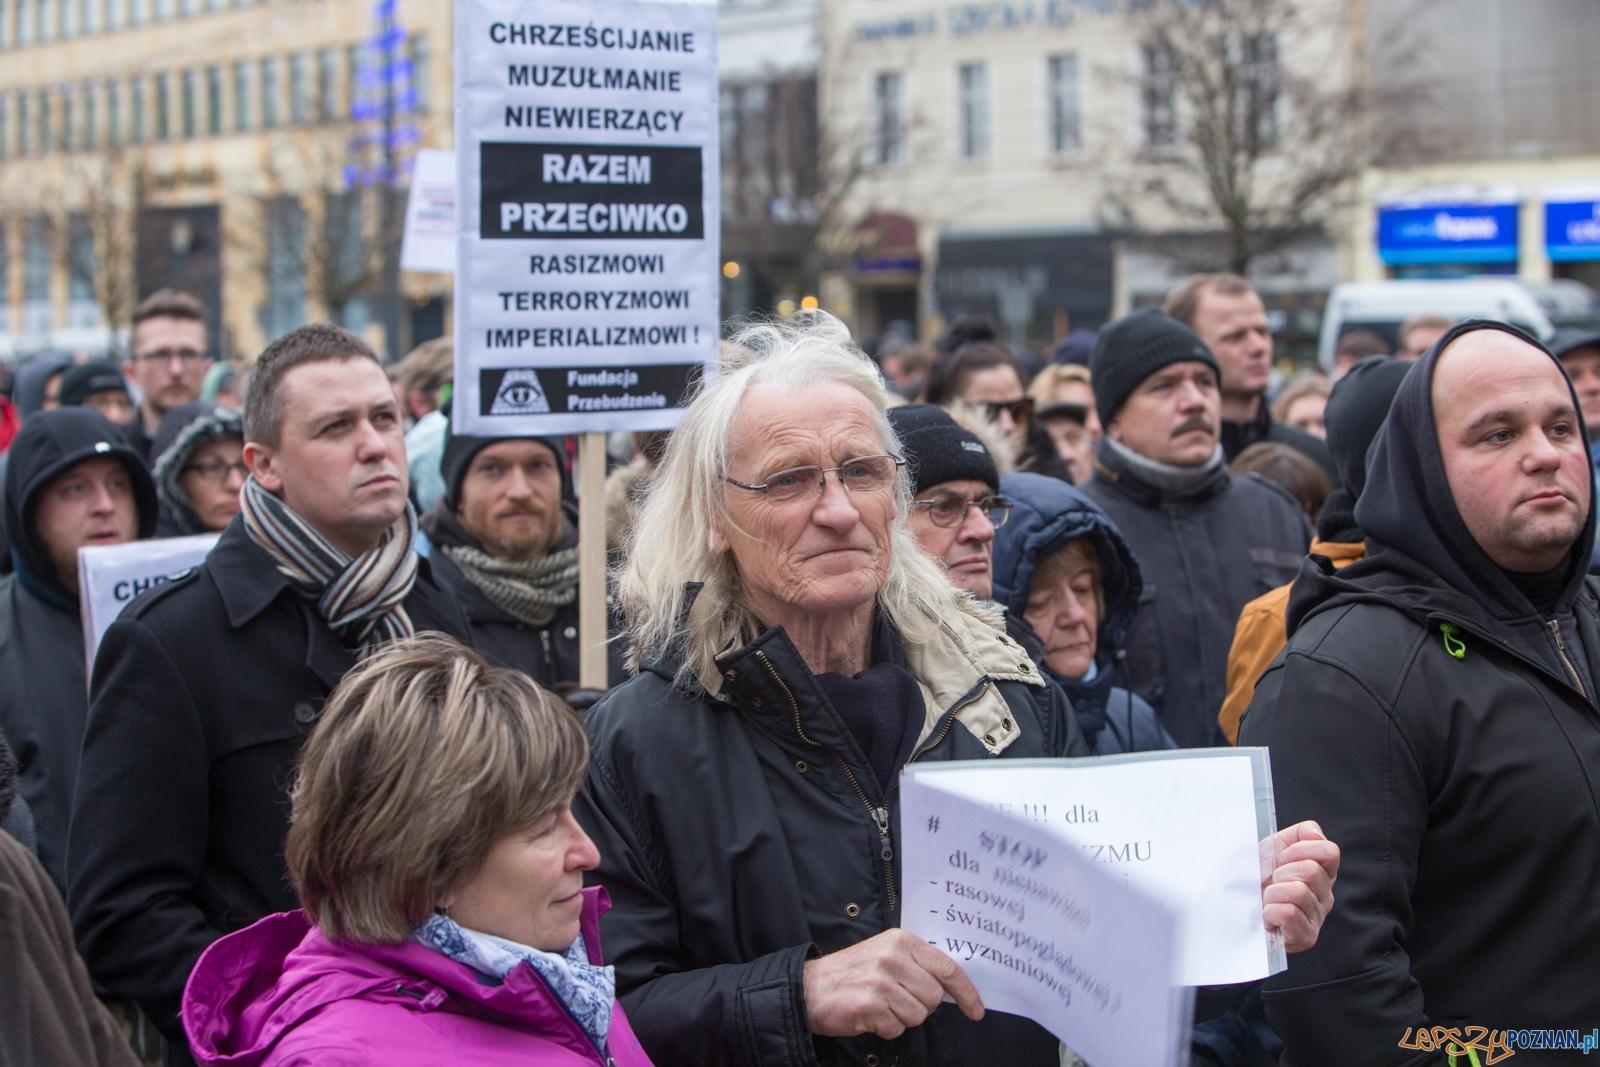 Muzułmanie przeciw terrorystom  Foto: lepszyPOZNAN.pl / Piotr Rychter